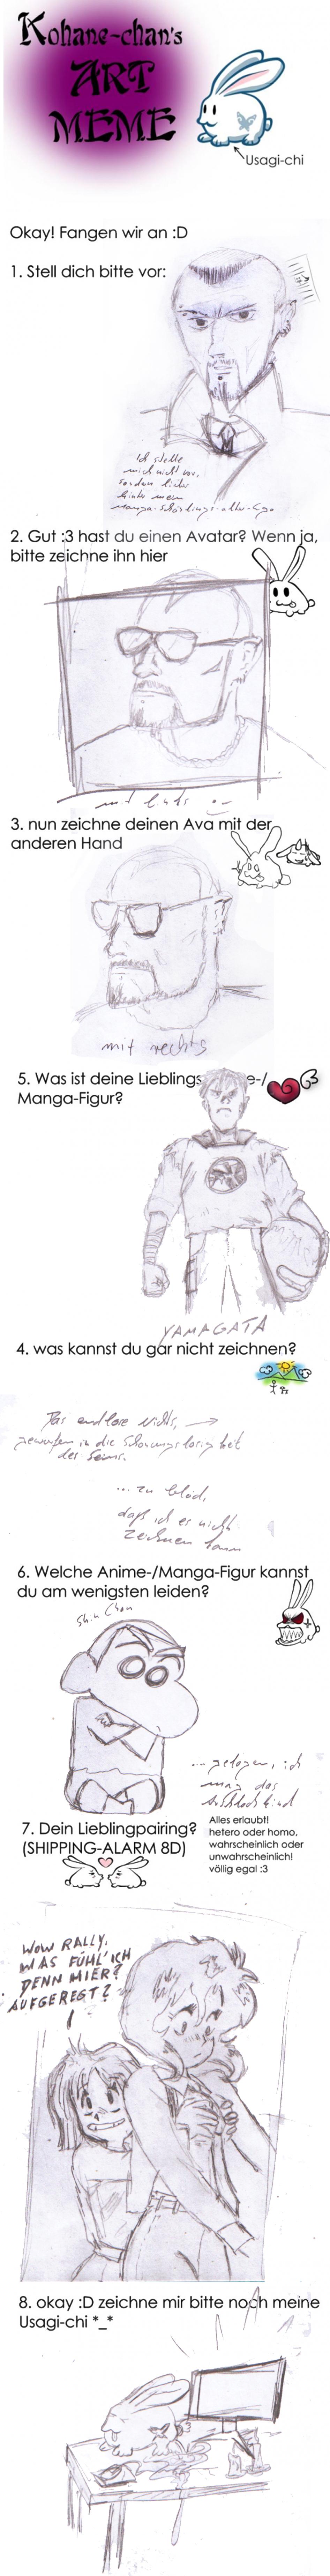 KAM 2